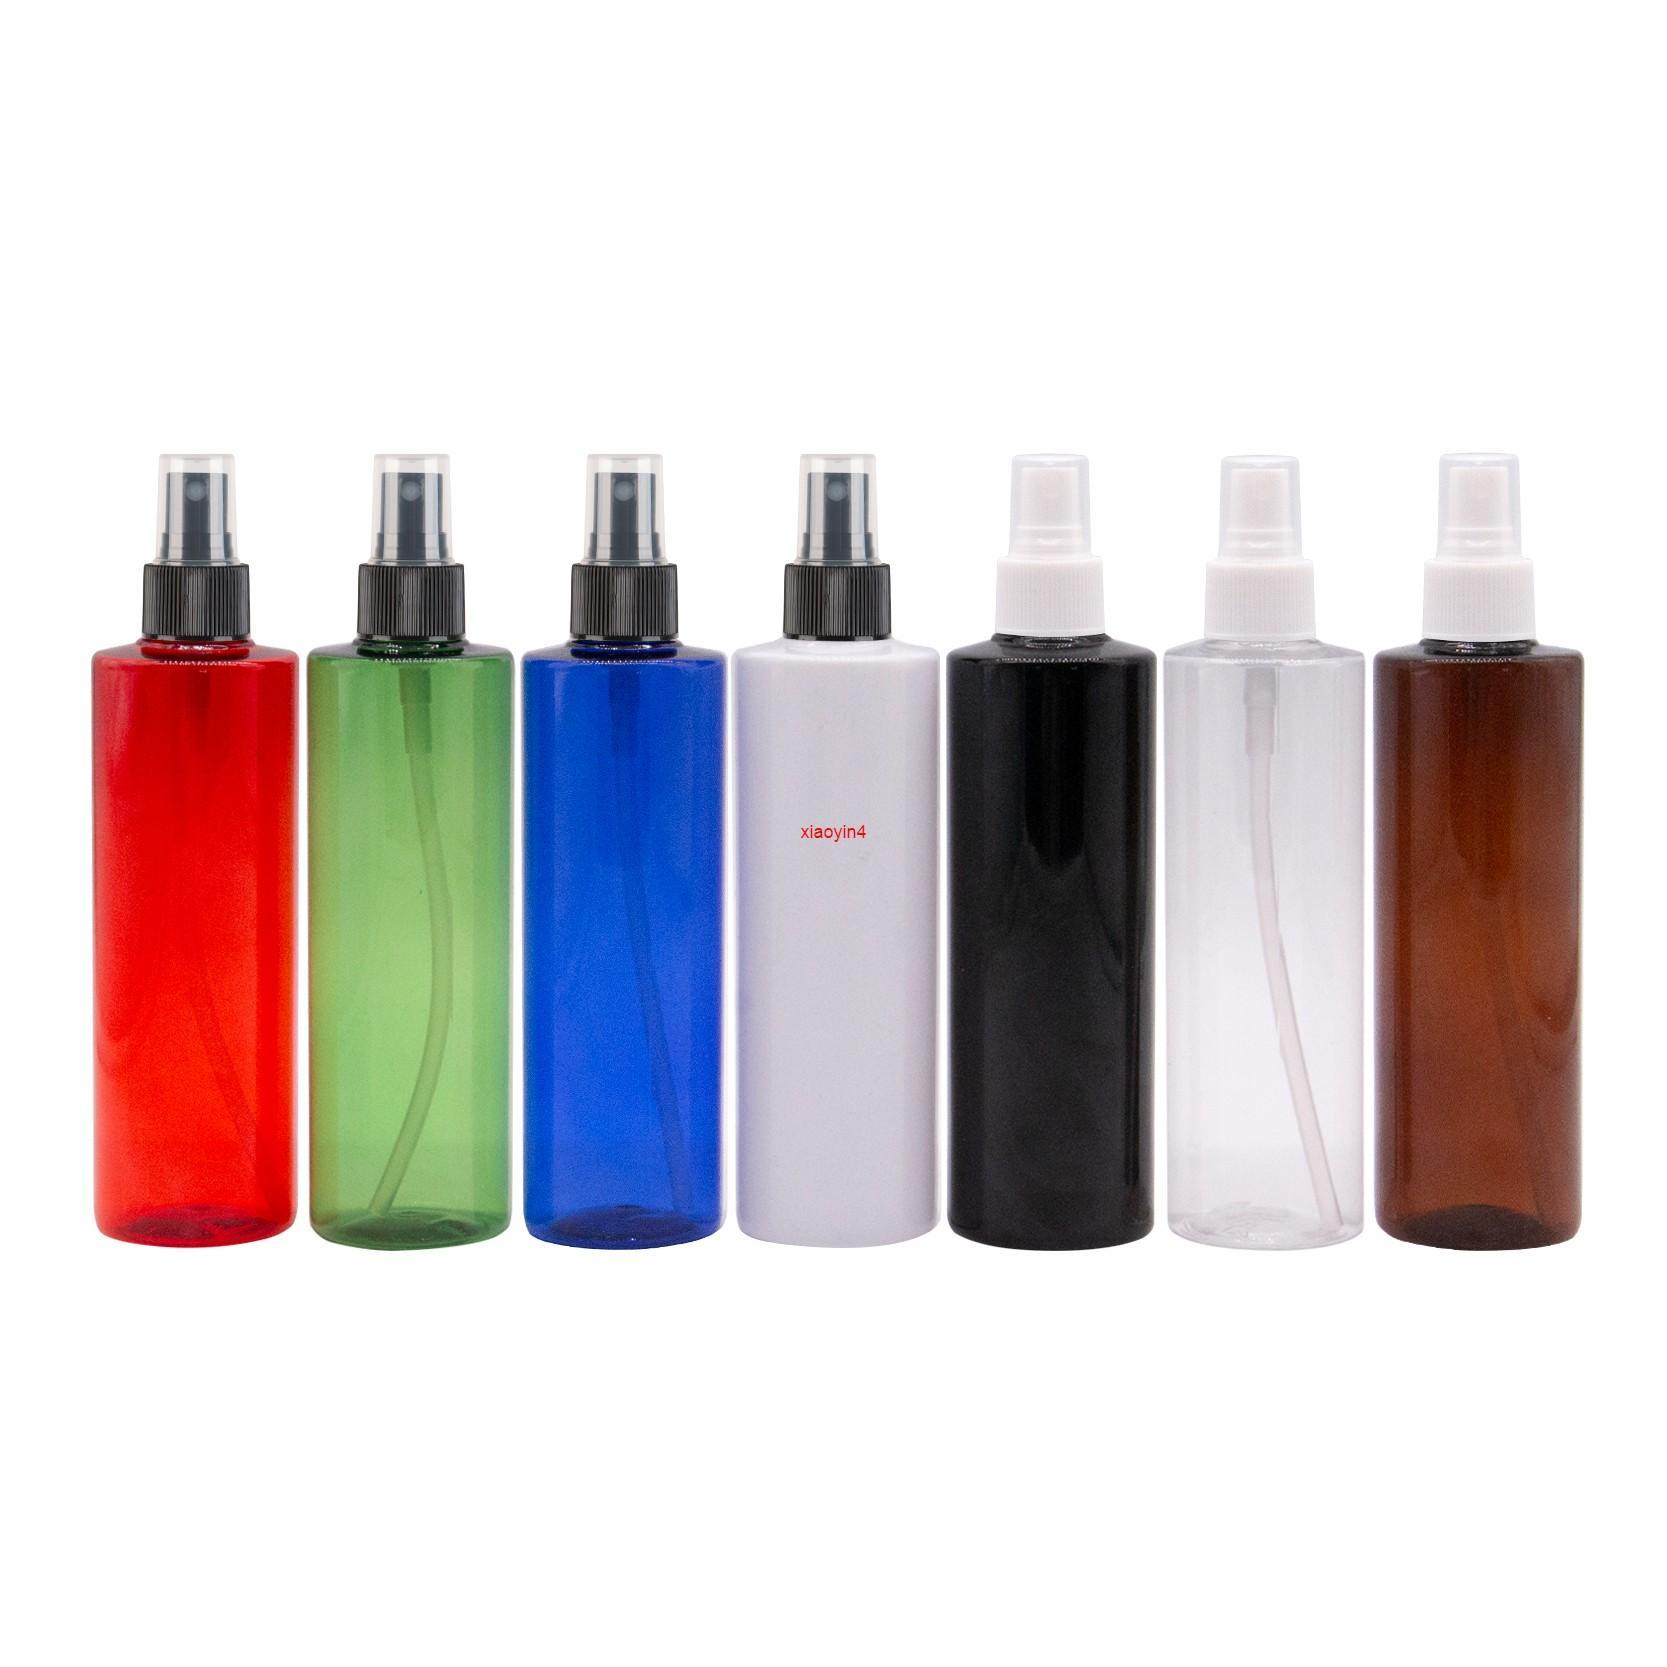 Épaule plate Pompe pulvérisateur Pompe de parfum de pulvérisation de pulvérisation de 250 ml x 12 Conteneur de couleurs avec pulvérisateur de brouillard fine pulvérisateur Cosmetic Travel BottlesBoot